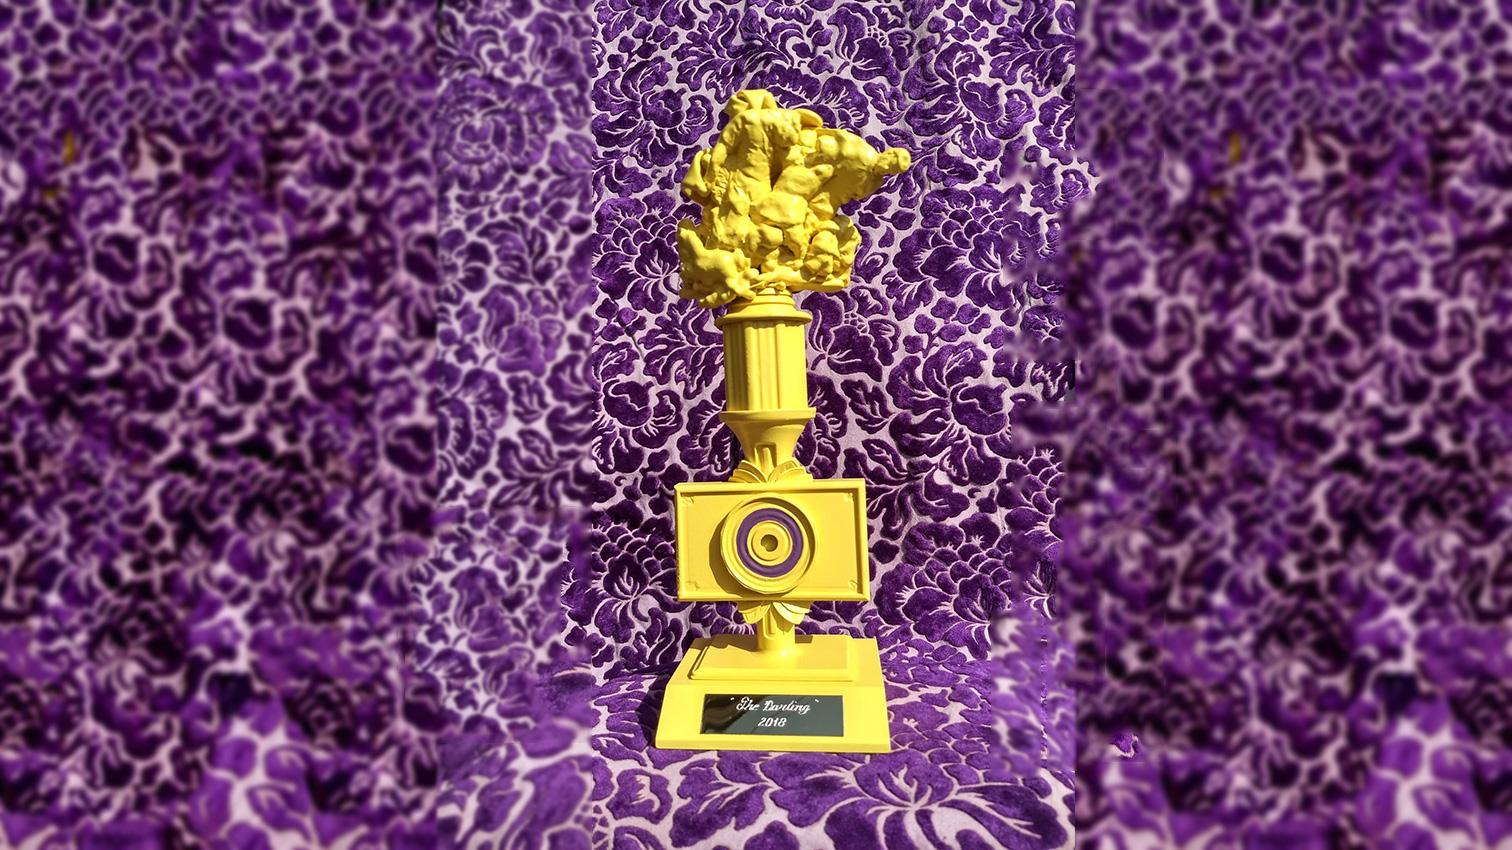 The Darling award 2018